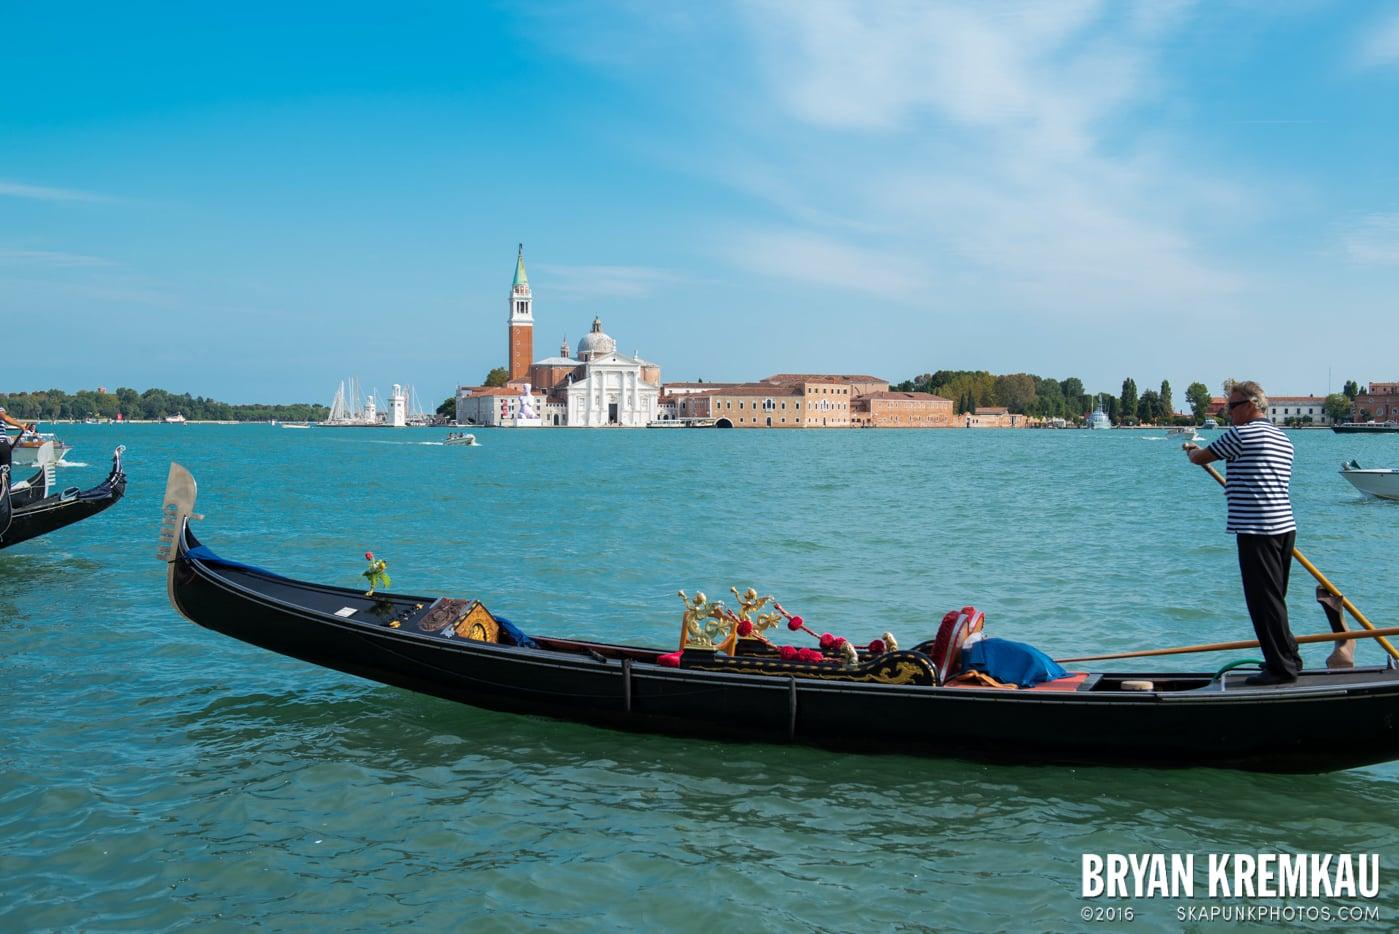 Italy Vacation - Day 5: Venice - 9.13.13 (39)